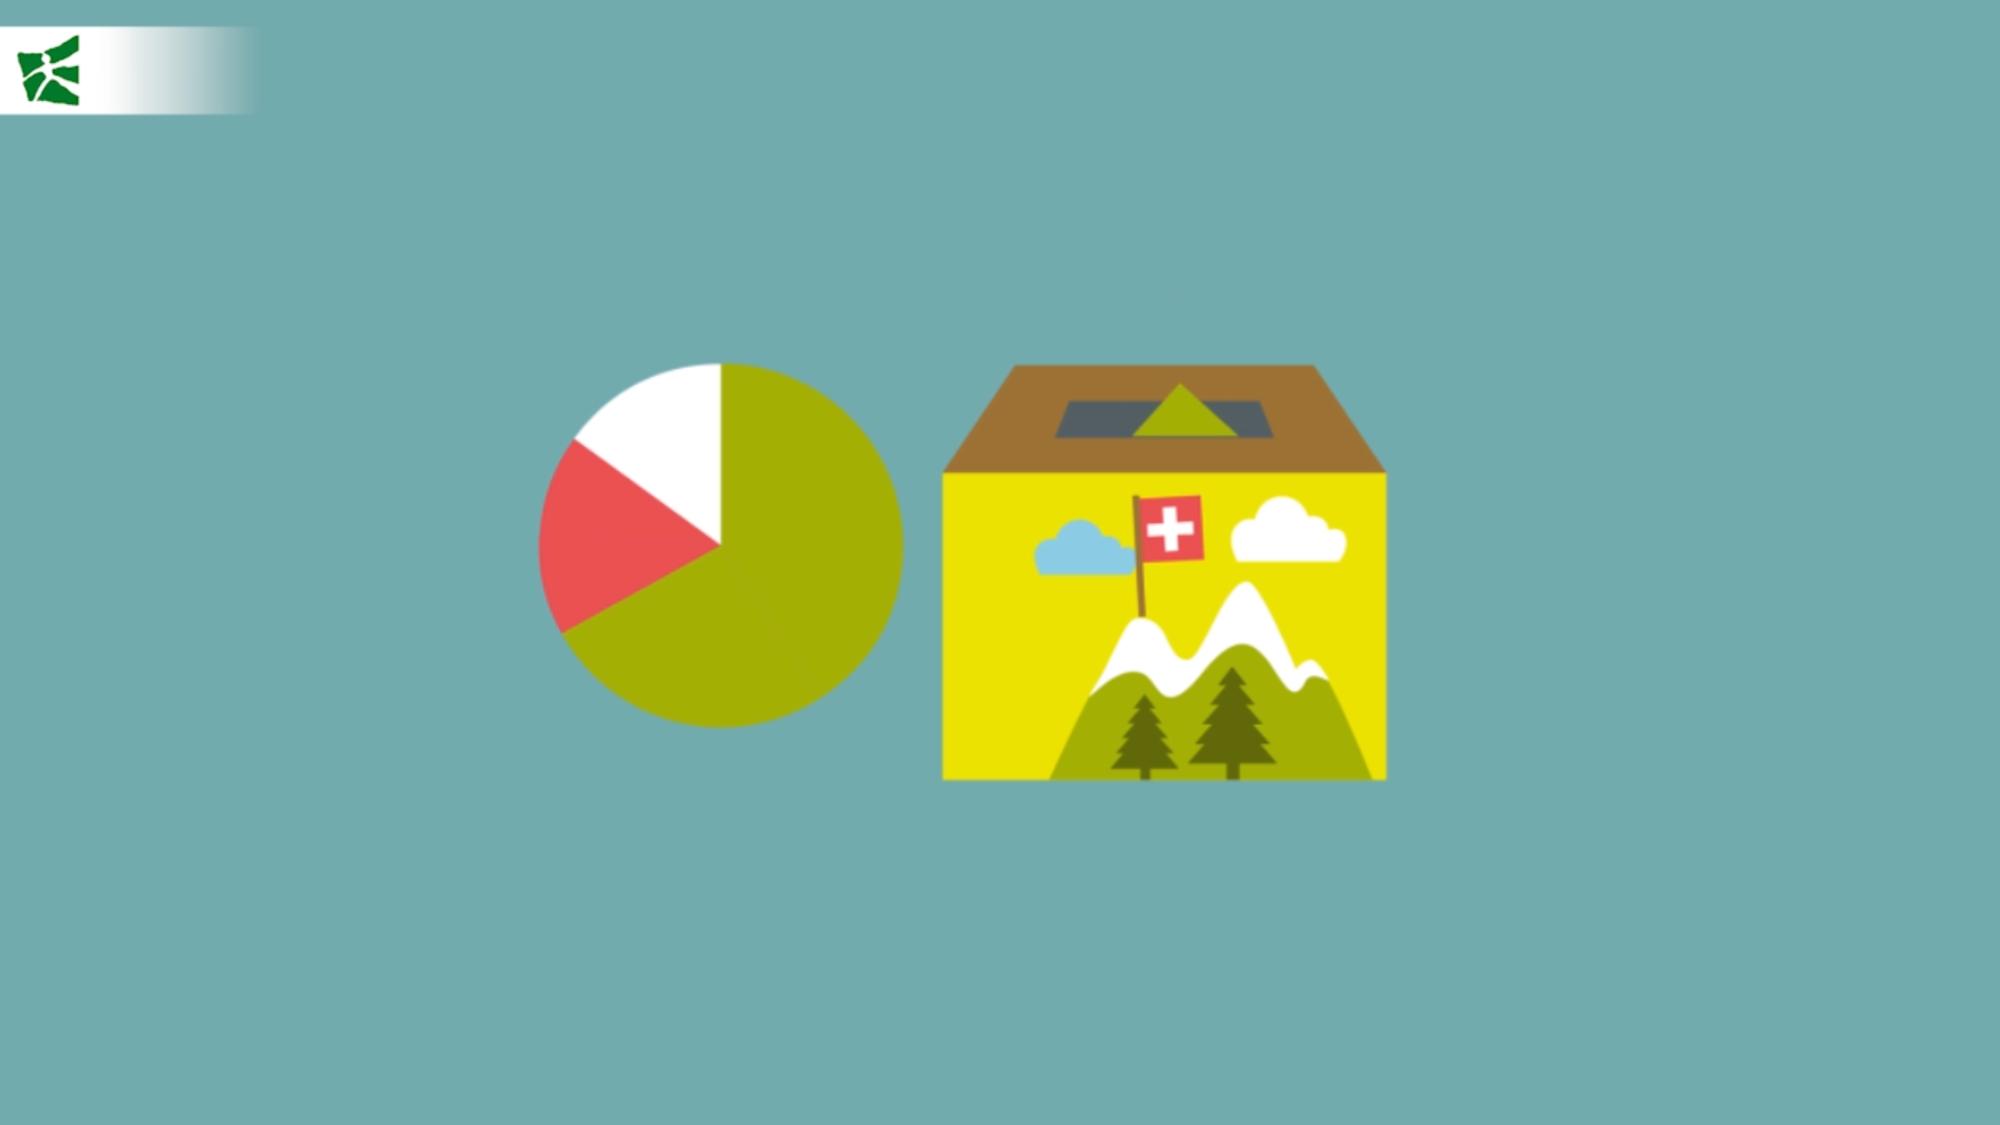 10. Kundenbarometer erneuerbare Energien: Knappe Mehrheit für Ölheizungsverbot